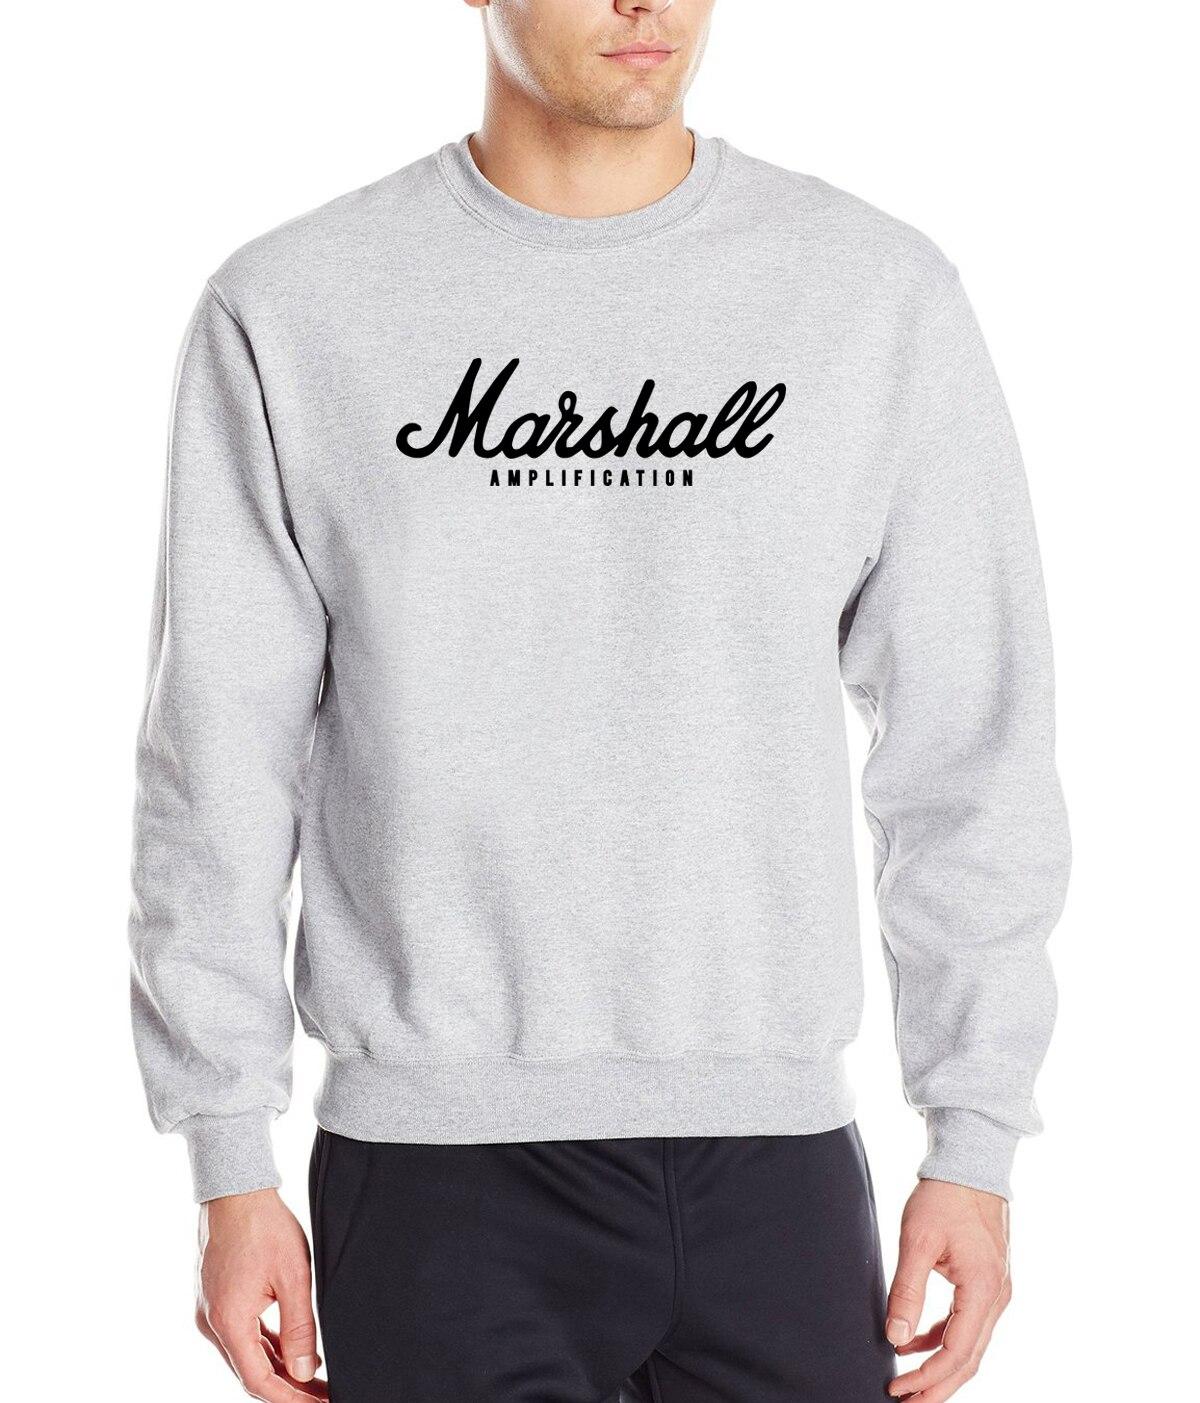 Музыка руно высокого качества толстовка мужчин горячая распродажа 2017 года весенне-зимние модные куртки с капюшоном в стиле хип-хоп брендовая одежда